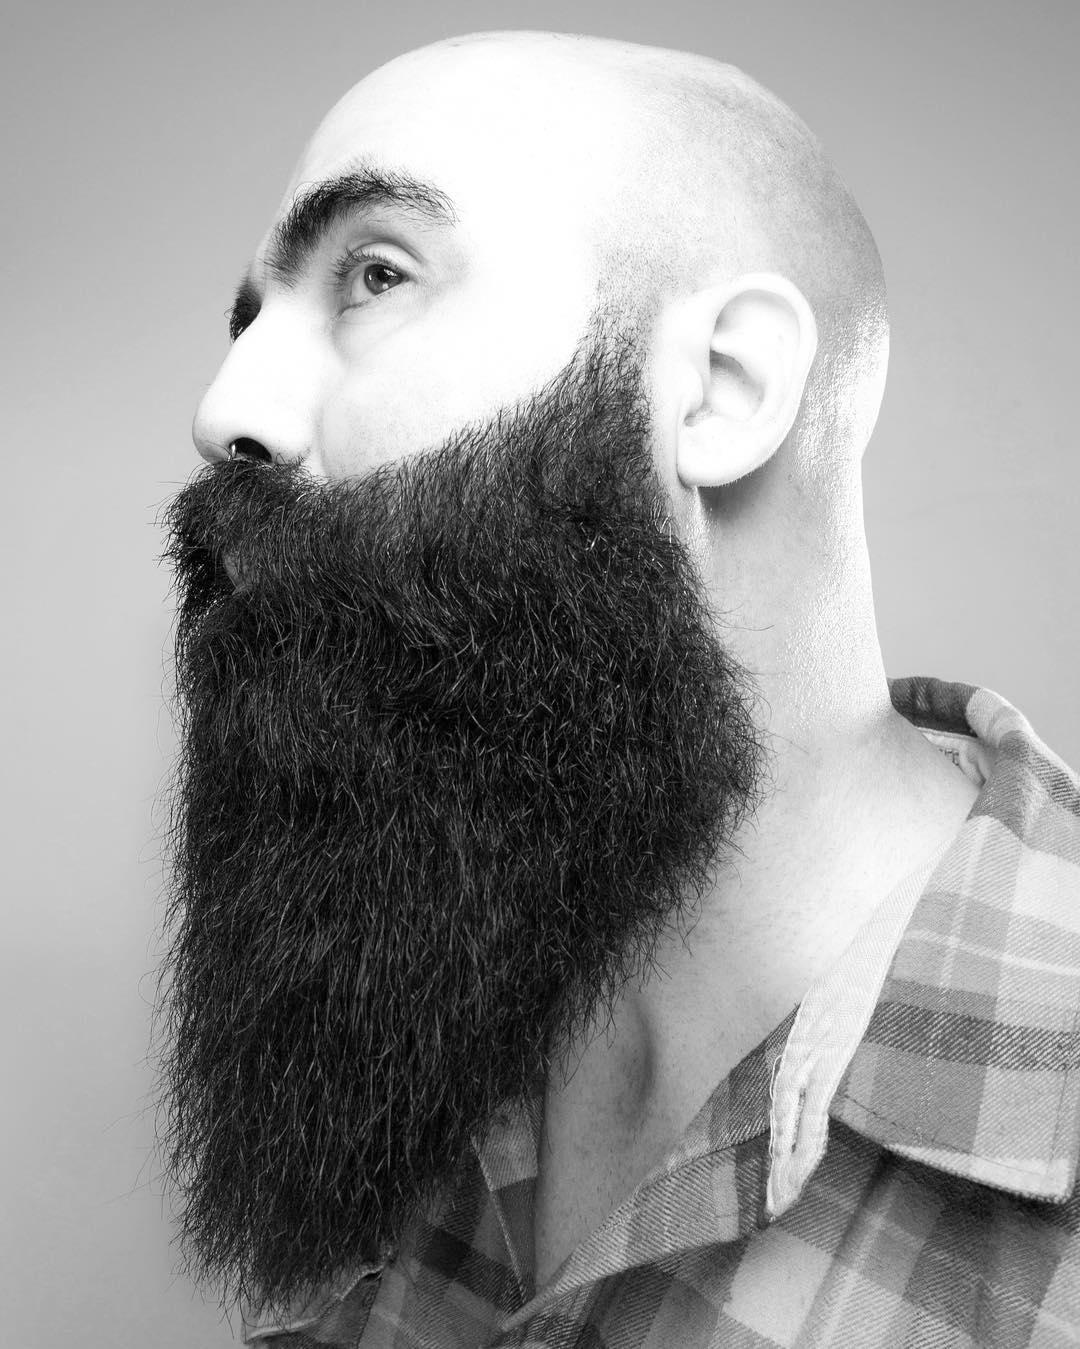 18 styles de barbe cool que vous devriez essayer 5f3f95424968e - 18 styles de barbe cool que vous devriez essayer